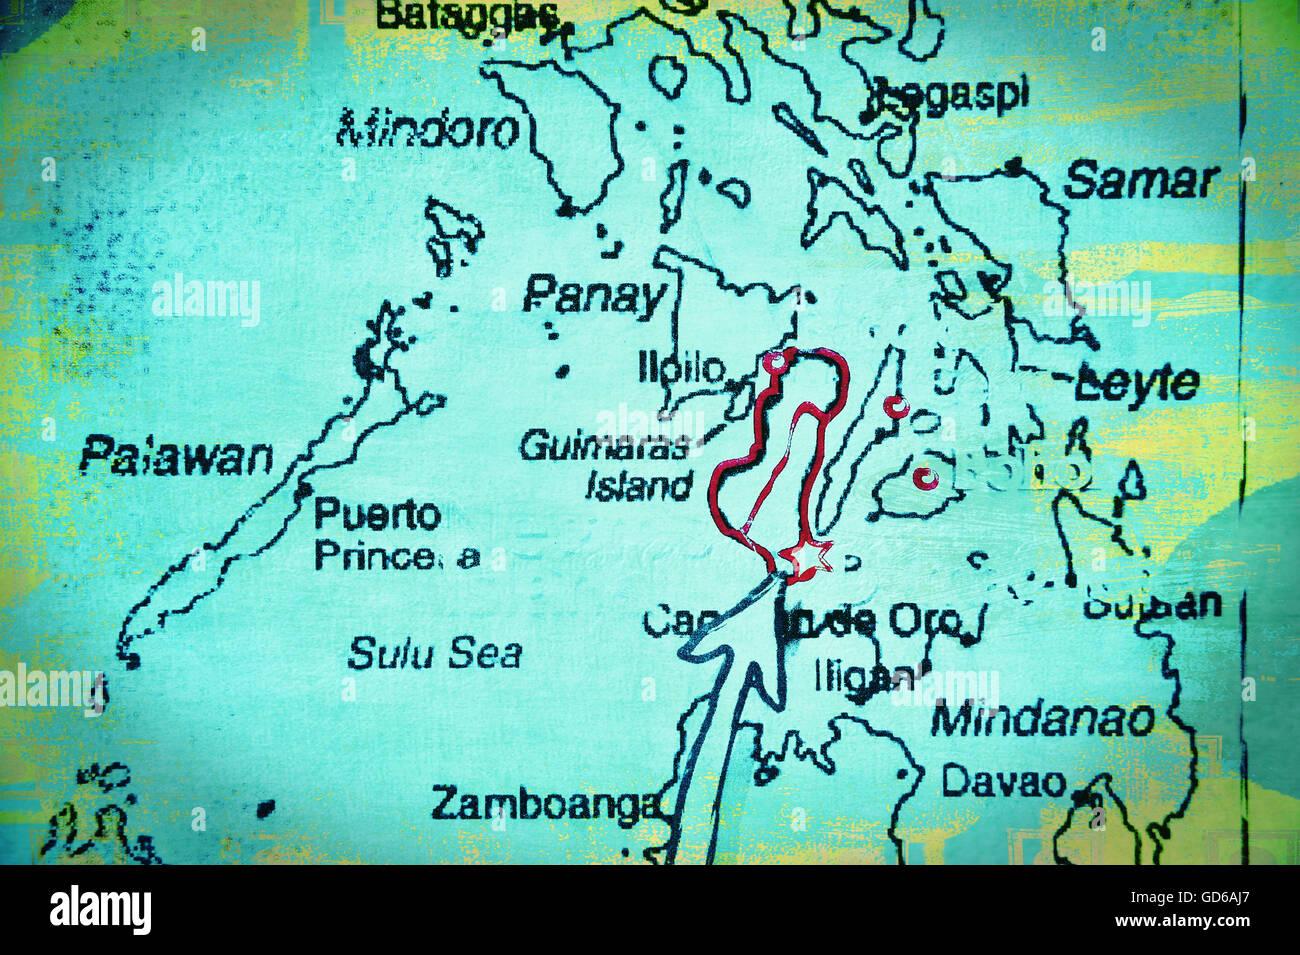 Karte Philippinen.Karte Von Der Visayas Philippinen Asien Stockfoto Bild 111392799